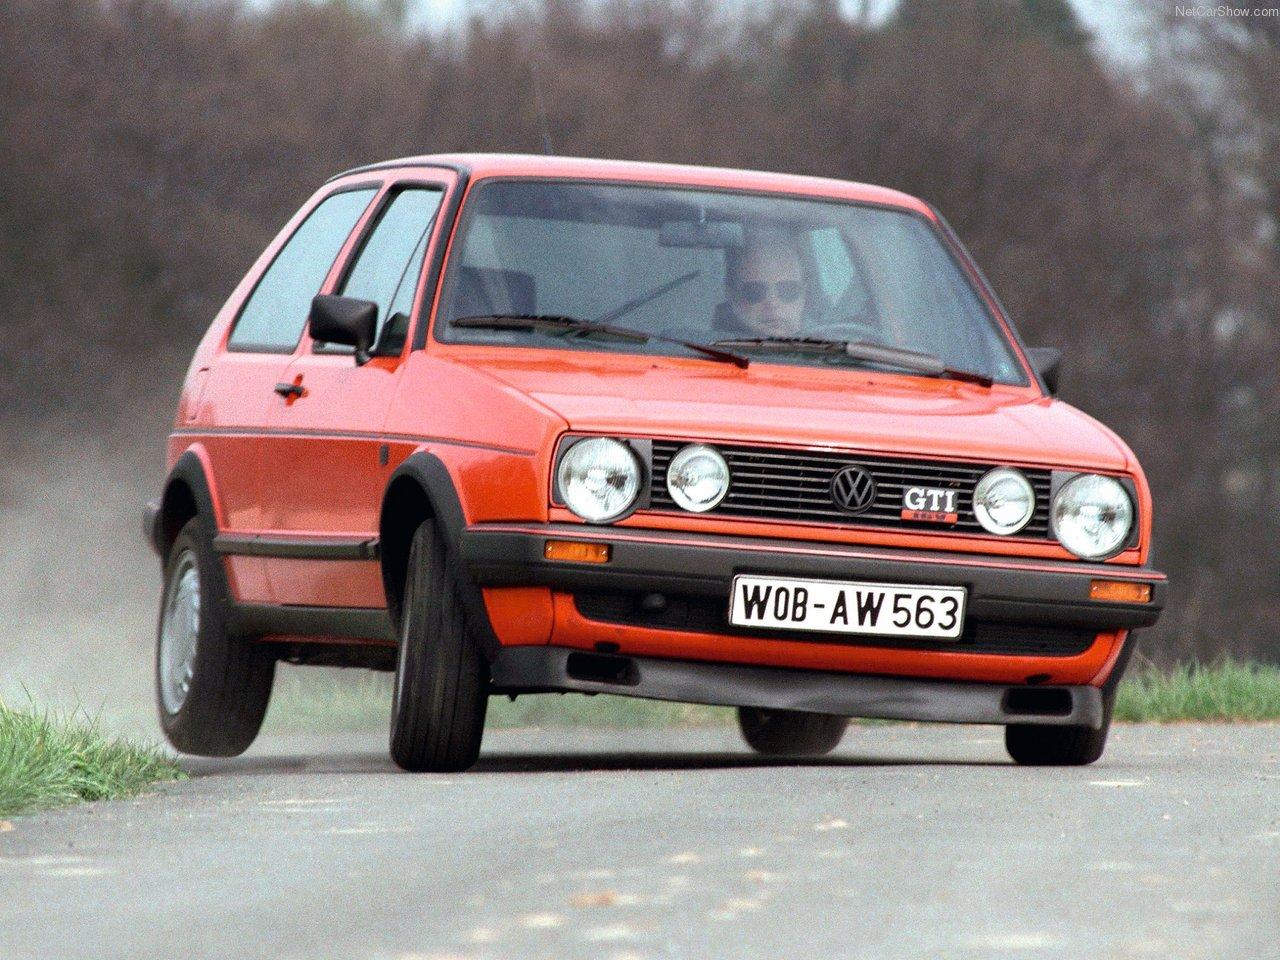 Topp 10 GTI-biler fra 80-tallet